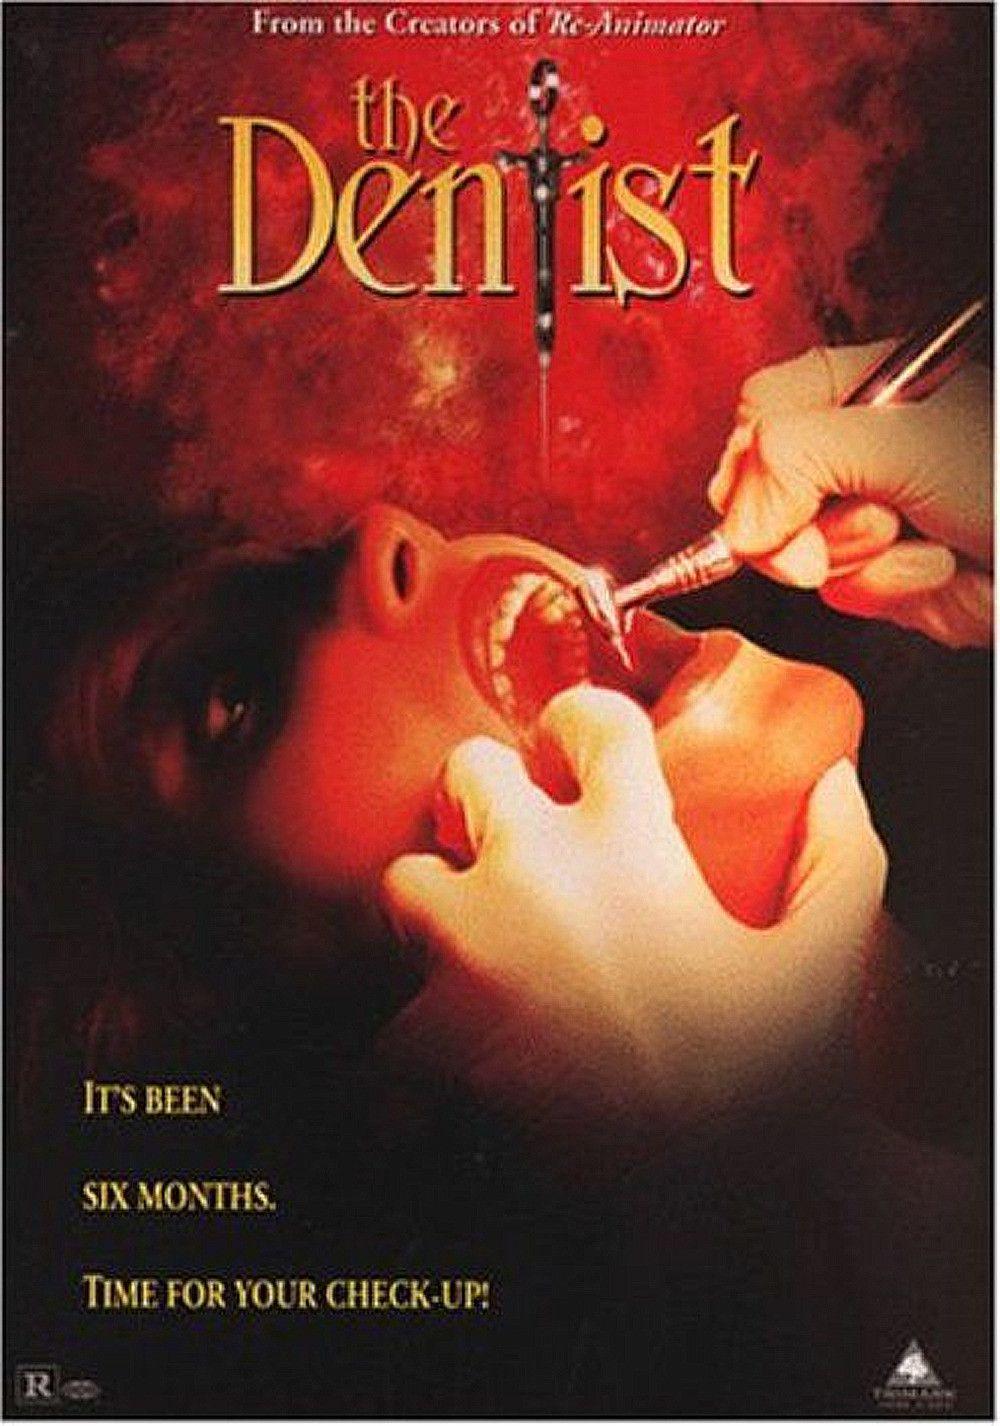 FILME O DENTISTA ( The Dentist , 1996 ) SINOPSE Depois